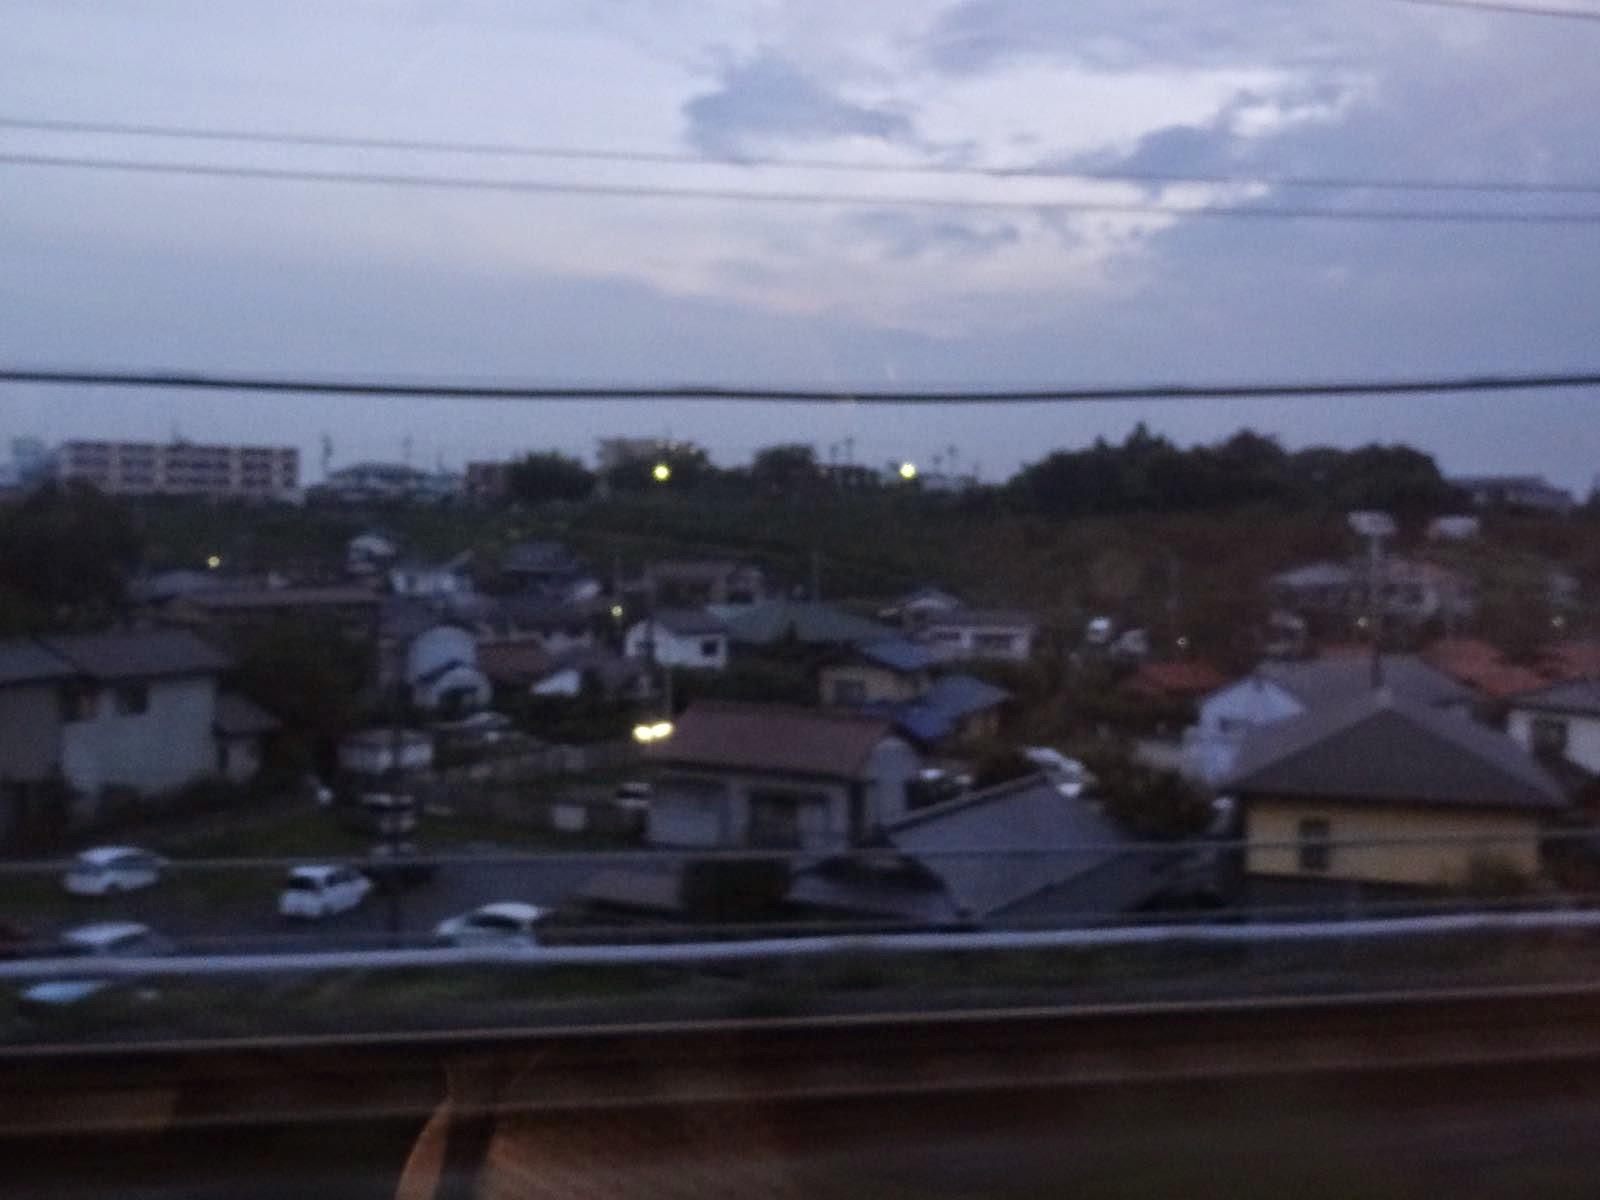 The sun was setting near Chiba